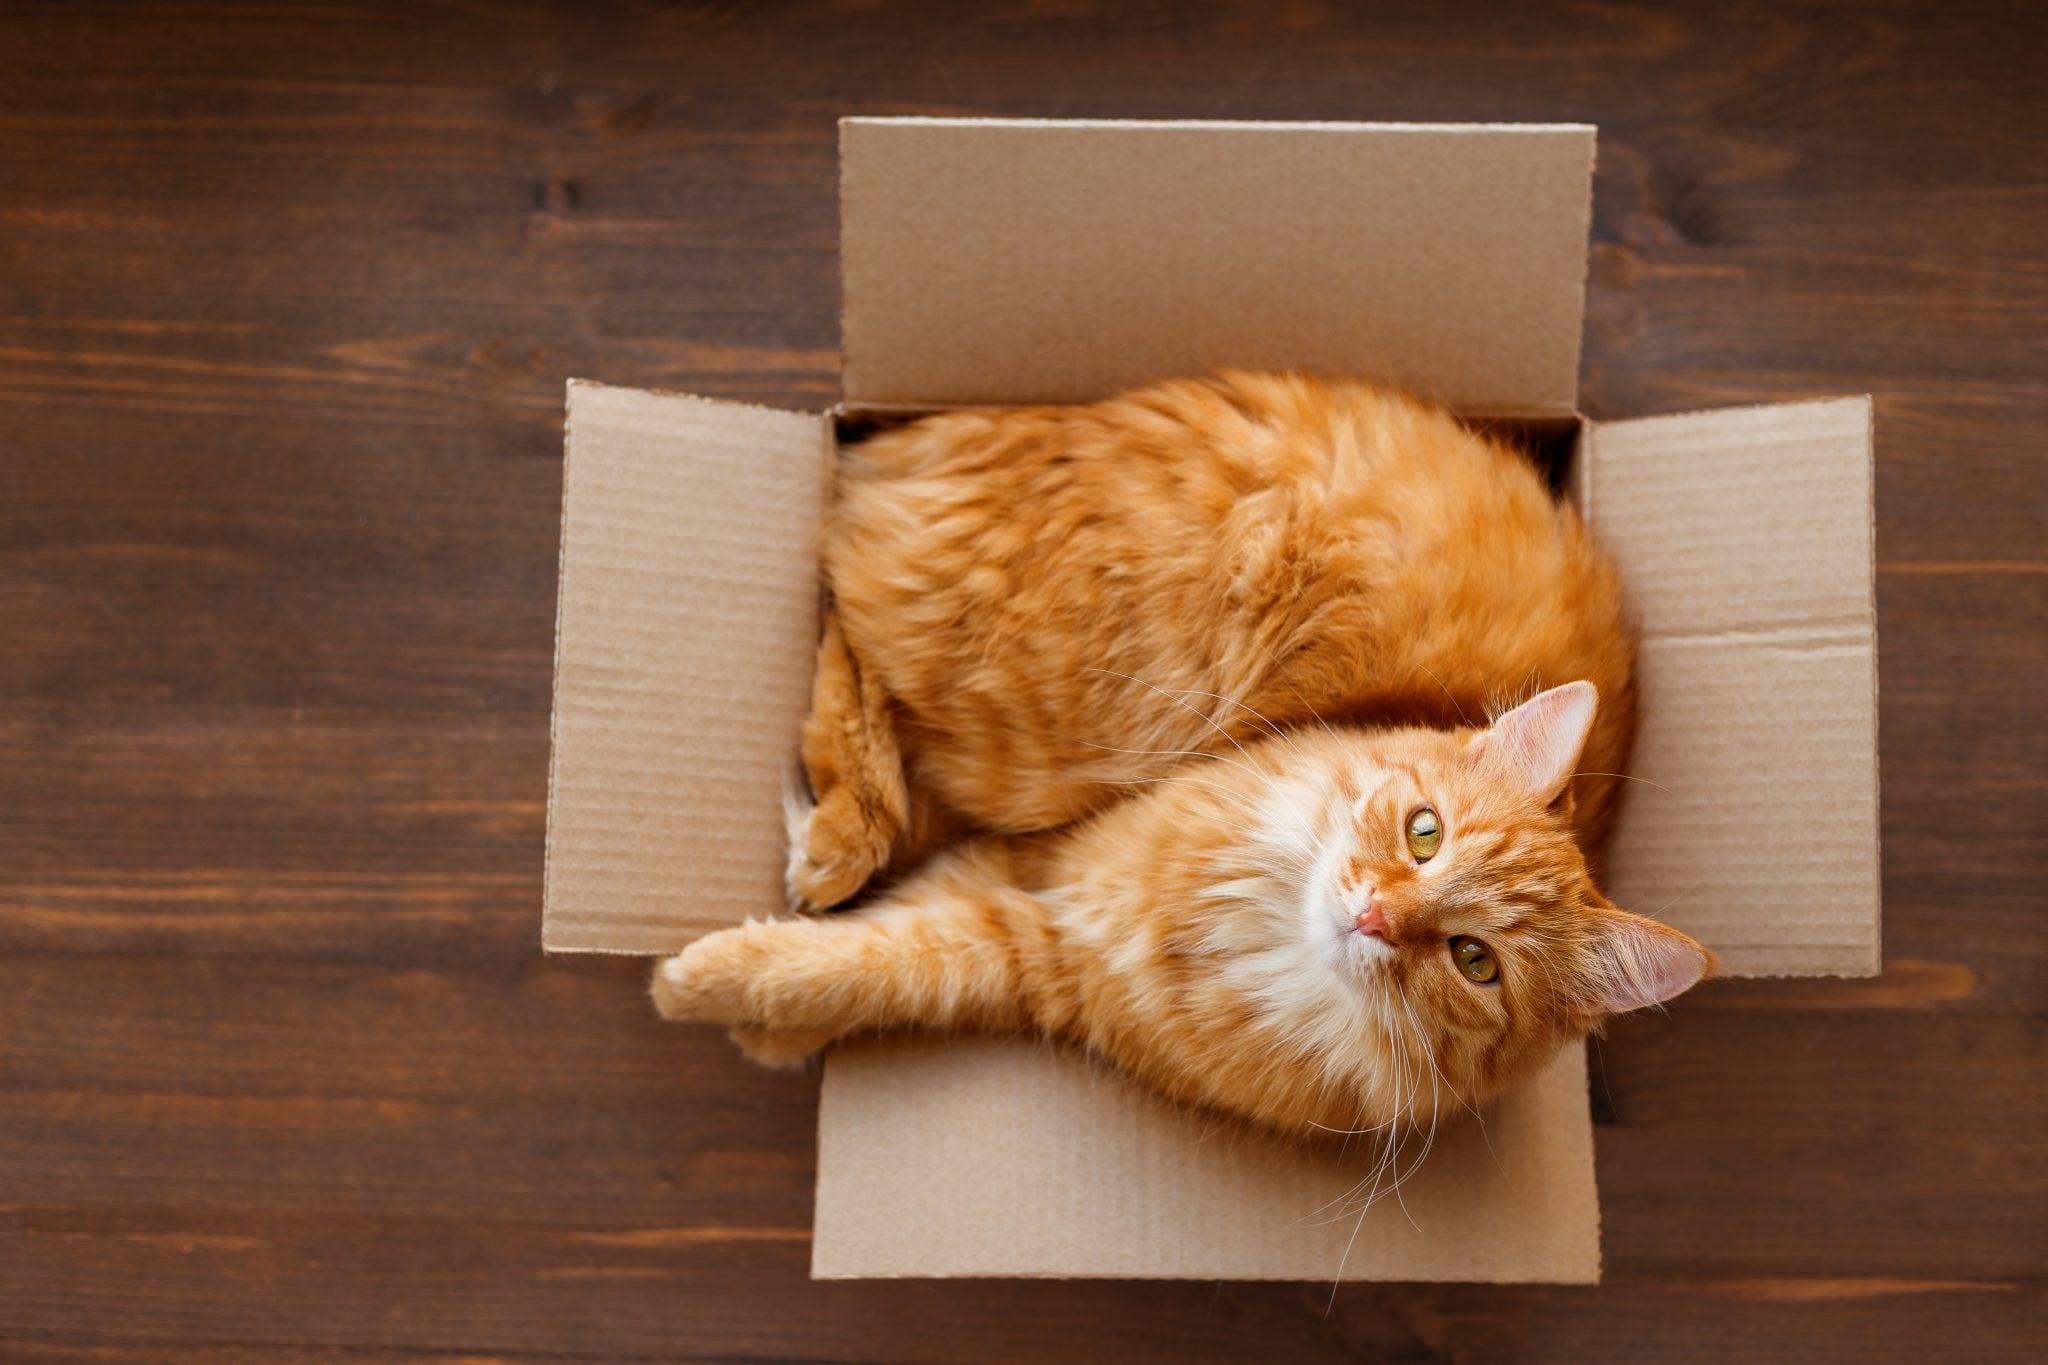 можете кликнуть кошка в ящике картинки что